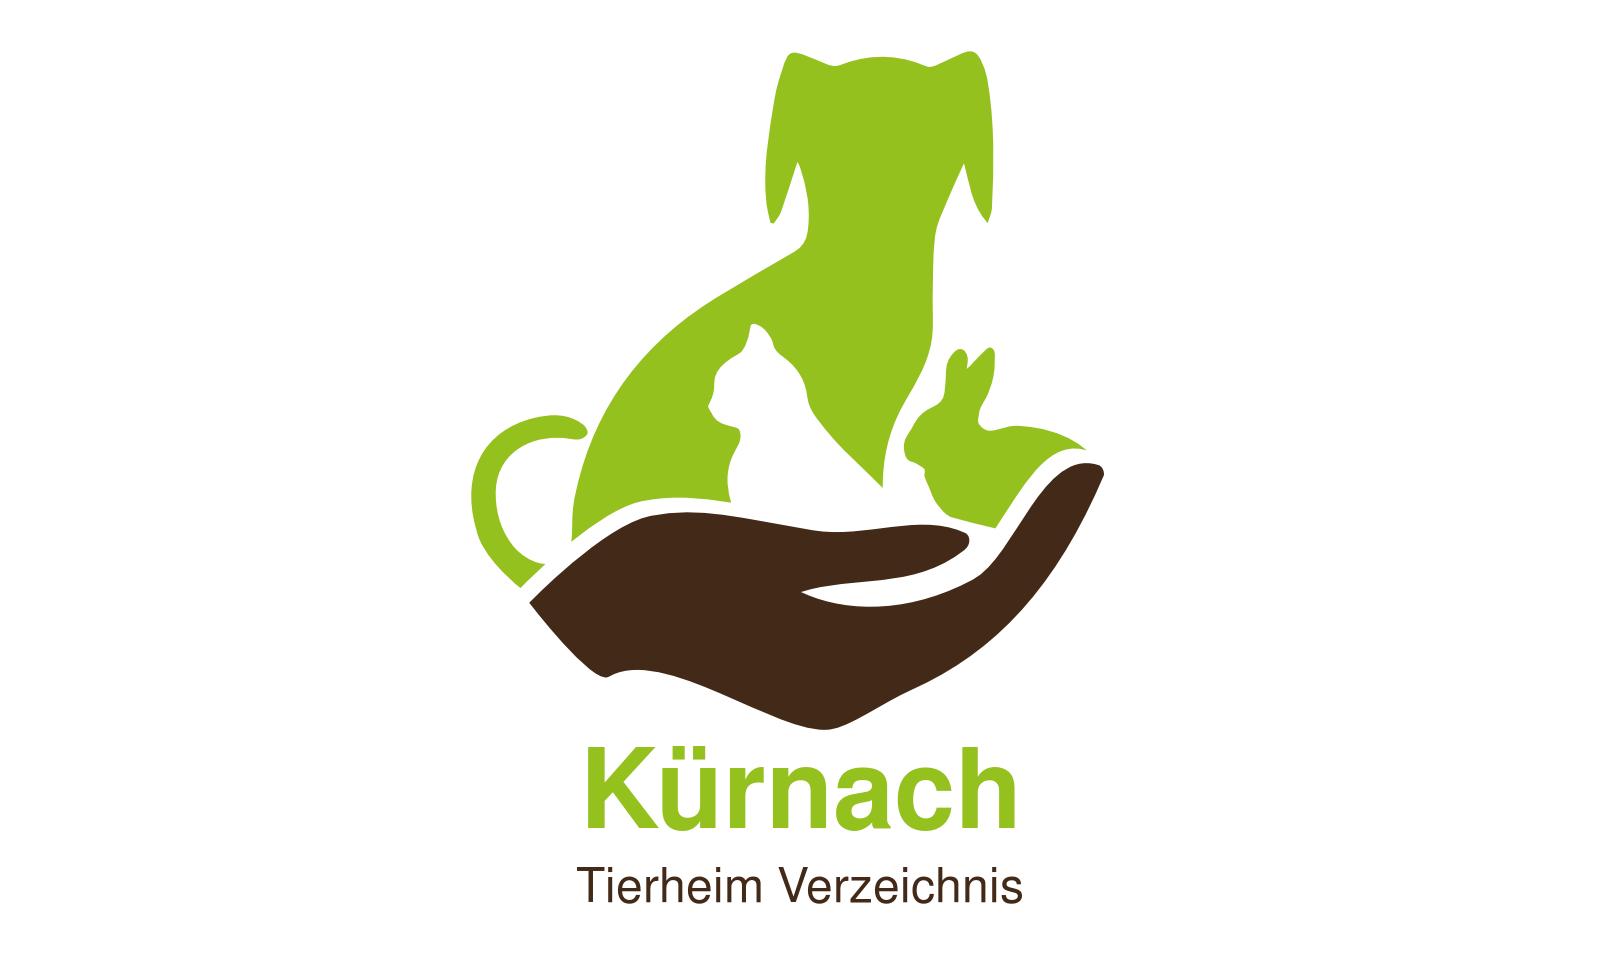 Tierheim Kürnach